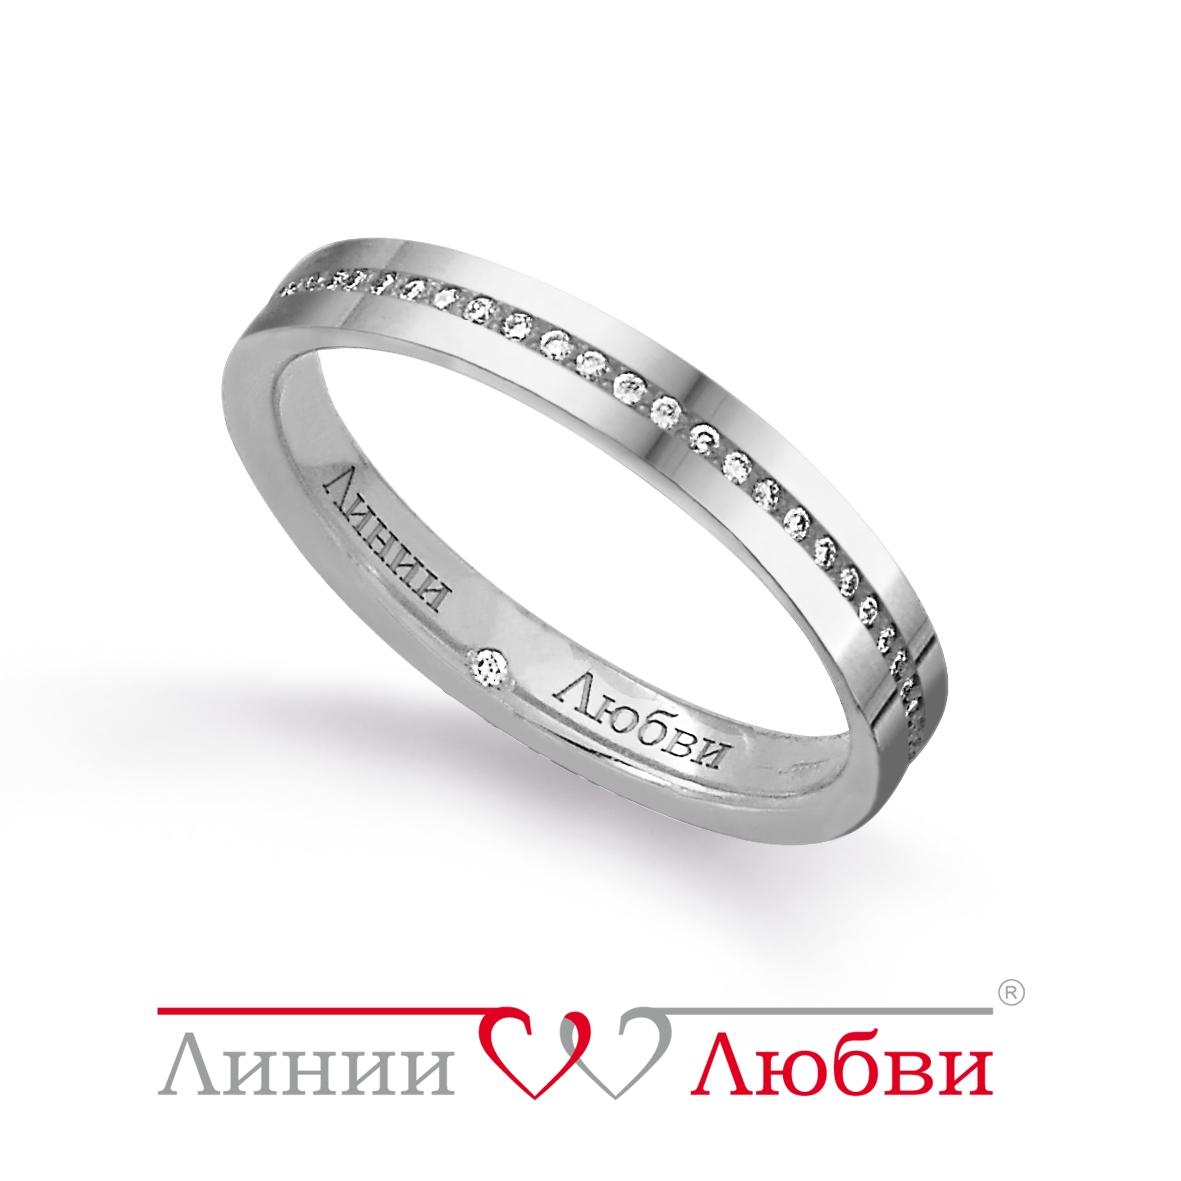 Обручальное кольцо с бриллиантами Линии ЛюбвиКольцо<br>Кольцо обручальное из золота 585 пробы с белыми бриллиантами (арт. Л31101141). Размер 17.<br><br>Articule: Л31101141<br>Тип: Кольцо<br>Пол: Унисекс<br>Материал: золото золото<br>Вес изделия г: 3.1<br>Вставка: белые бриллианты<br>Размеры: 22, 21, 20, 19, 18, 17, 16, 15